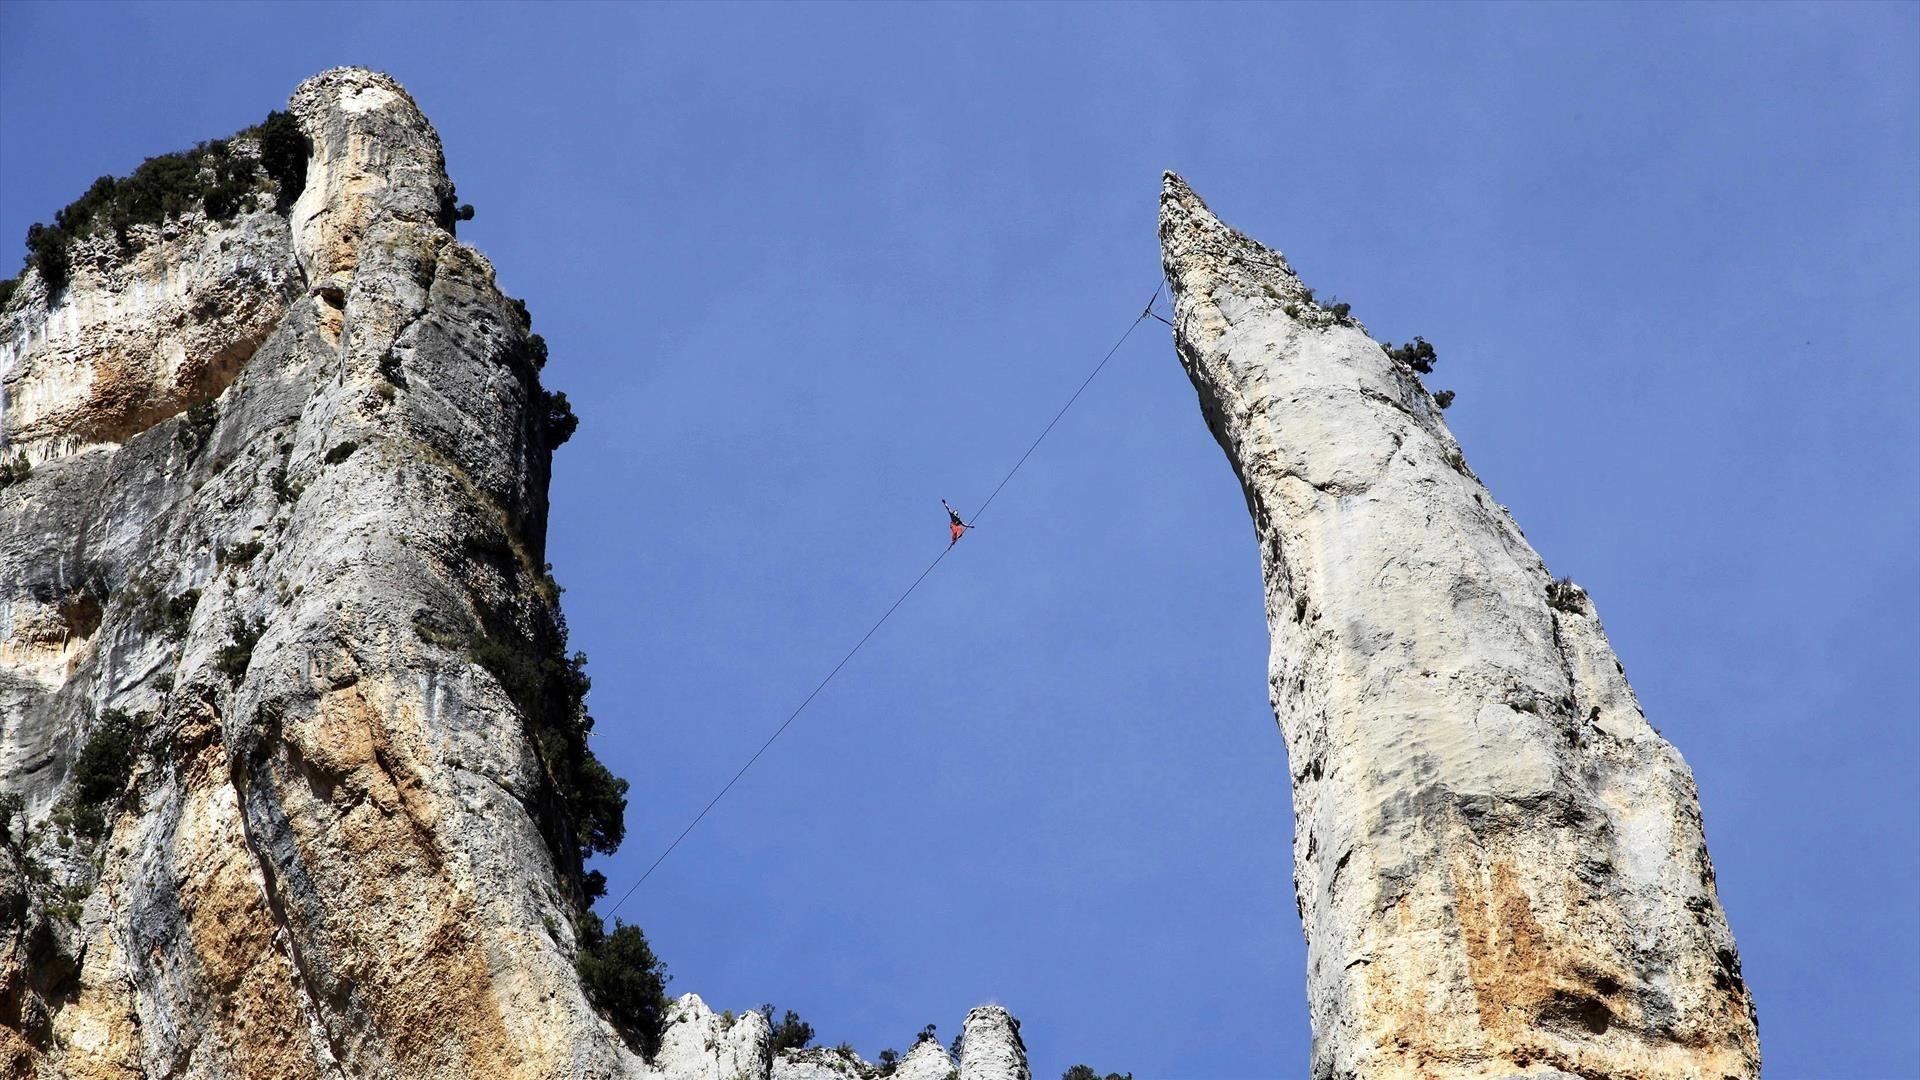 Passion sport extrême : De fil en aiguilles